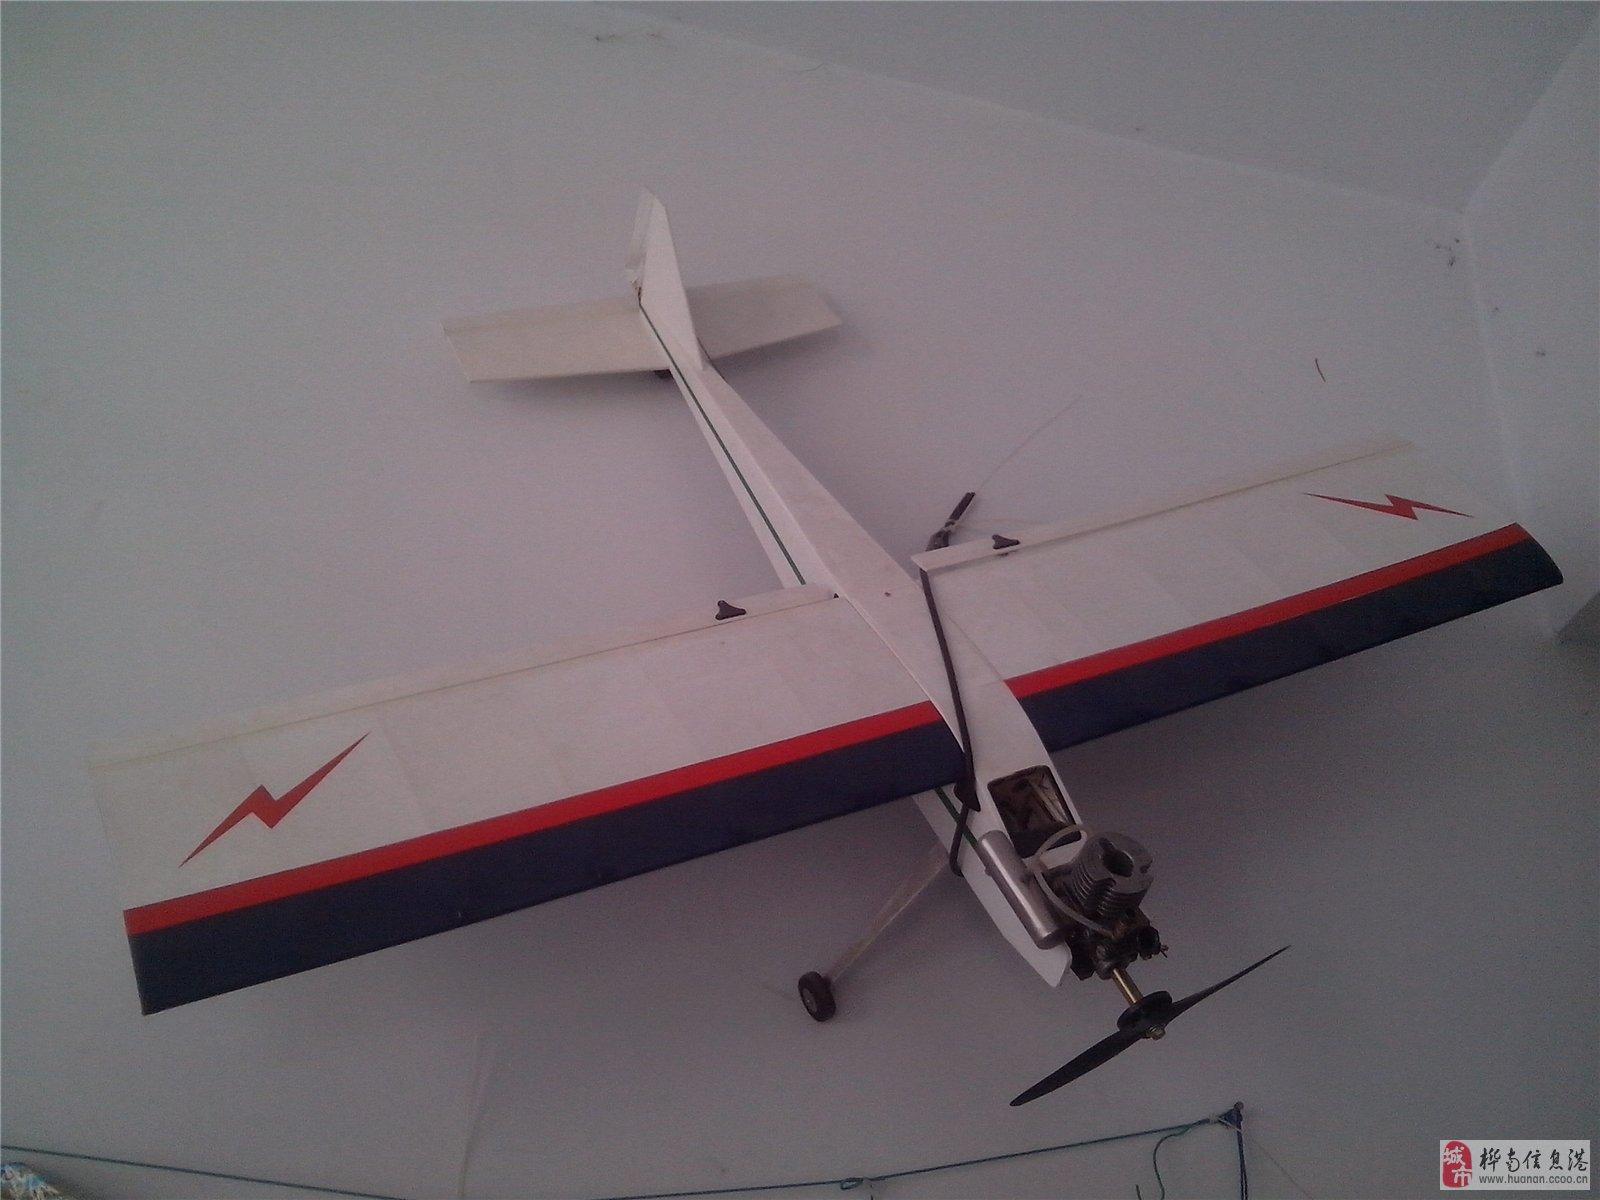 油车,船模型10元起,飞机加吹泡泡,拉烟,发导弹等,批发监控器,报警器